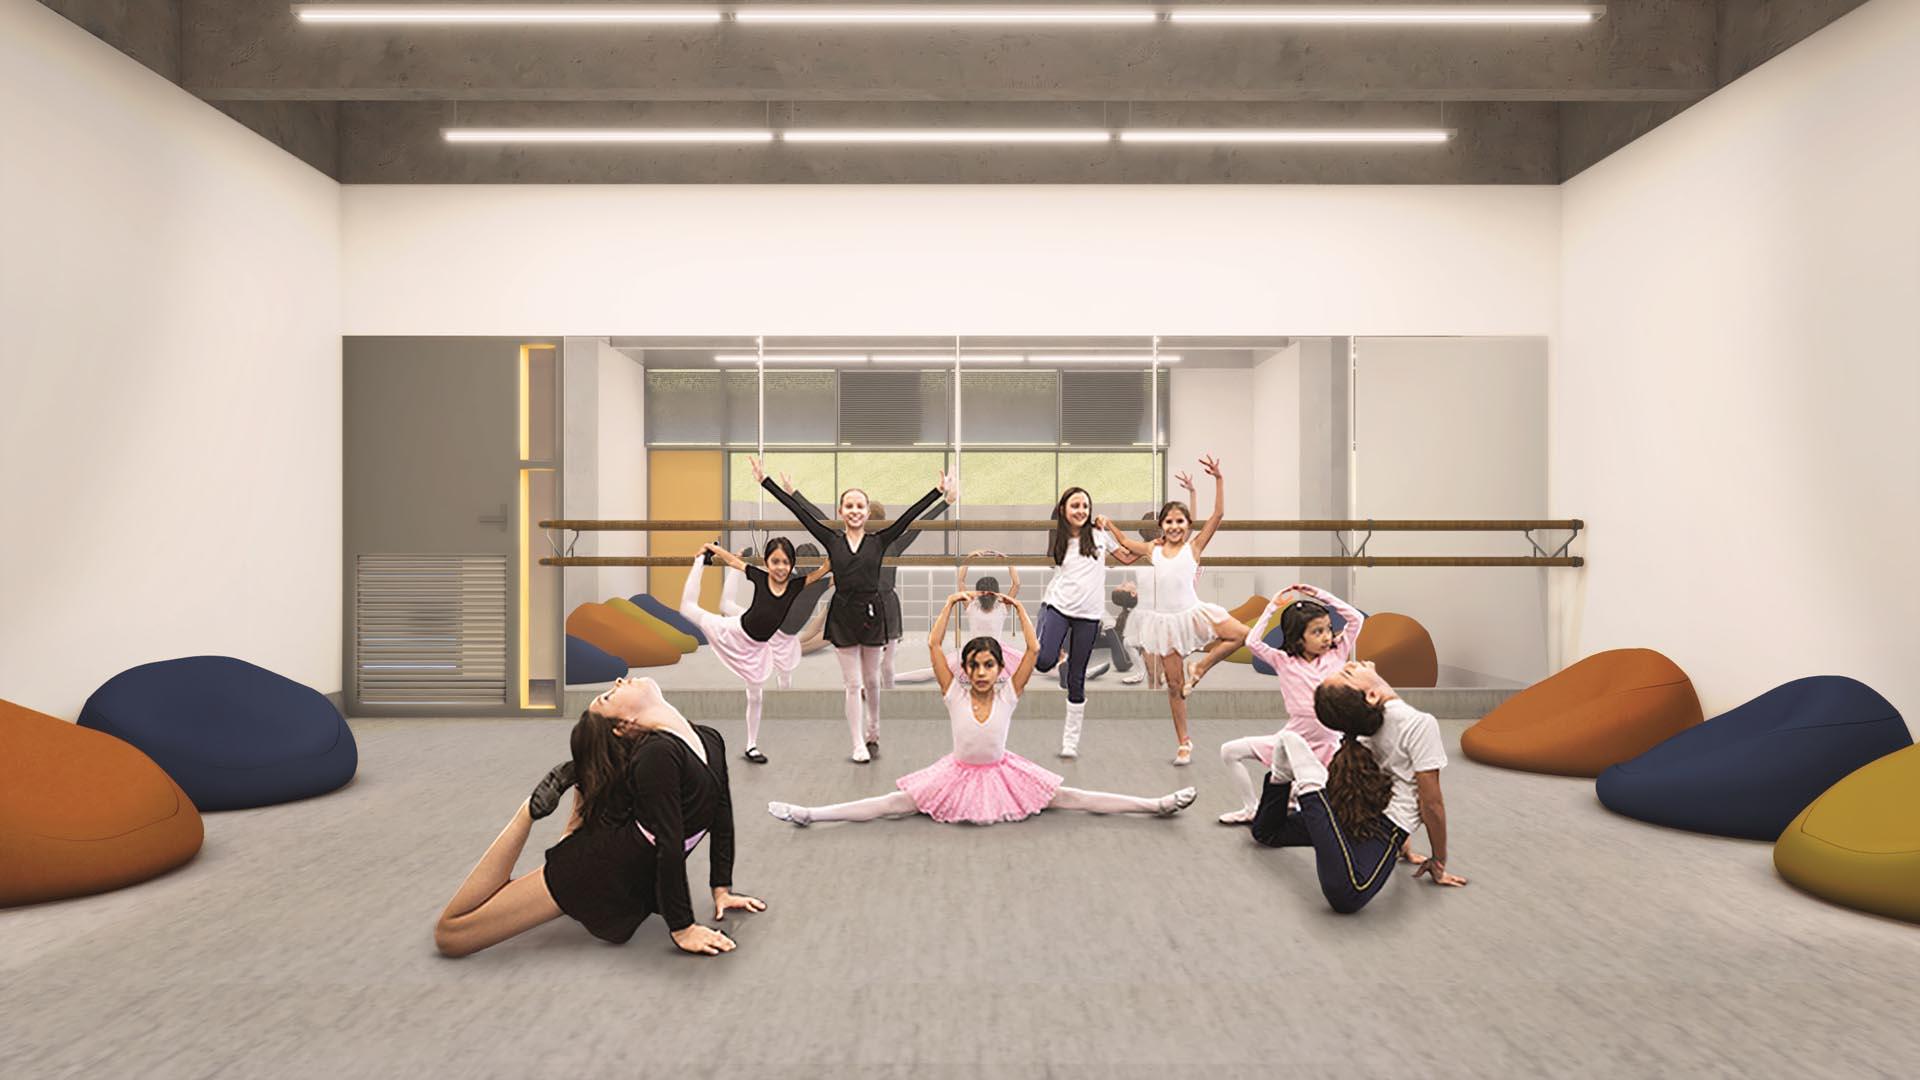 Sala de Dança - Nova unidade do Colégio Etapa